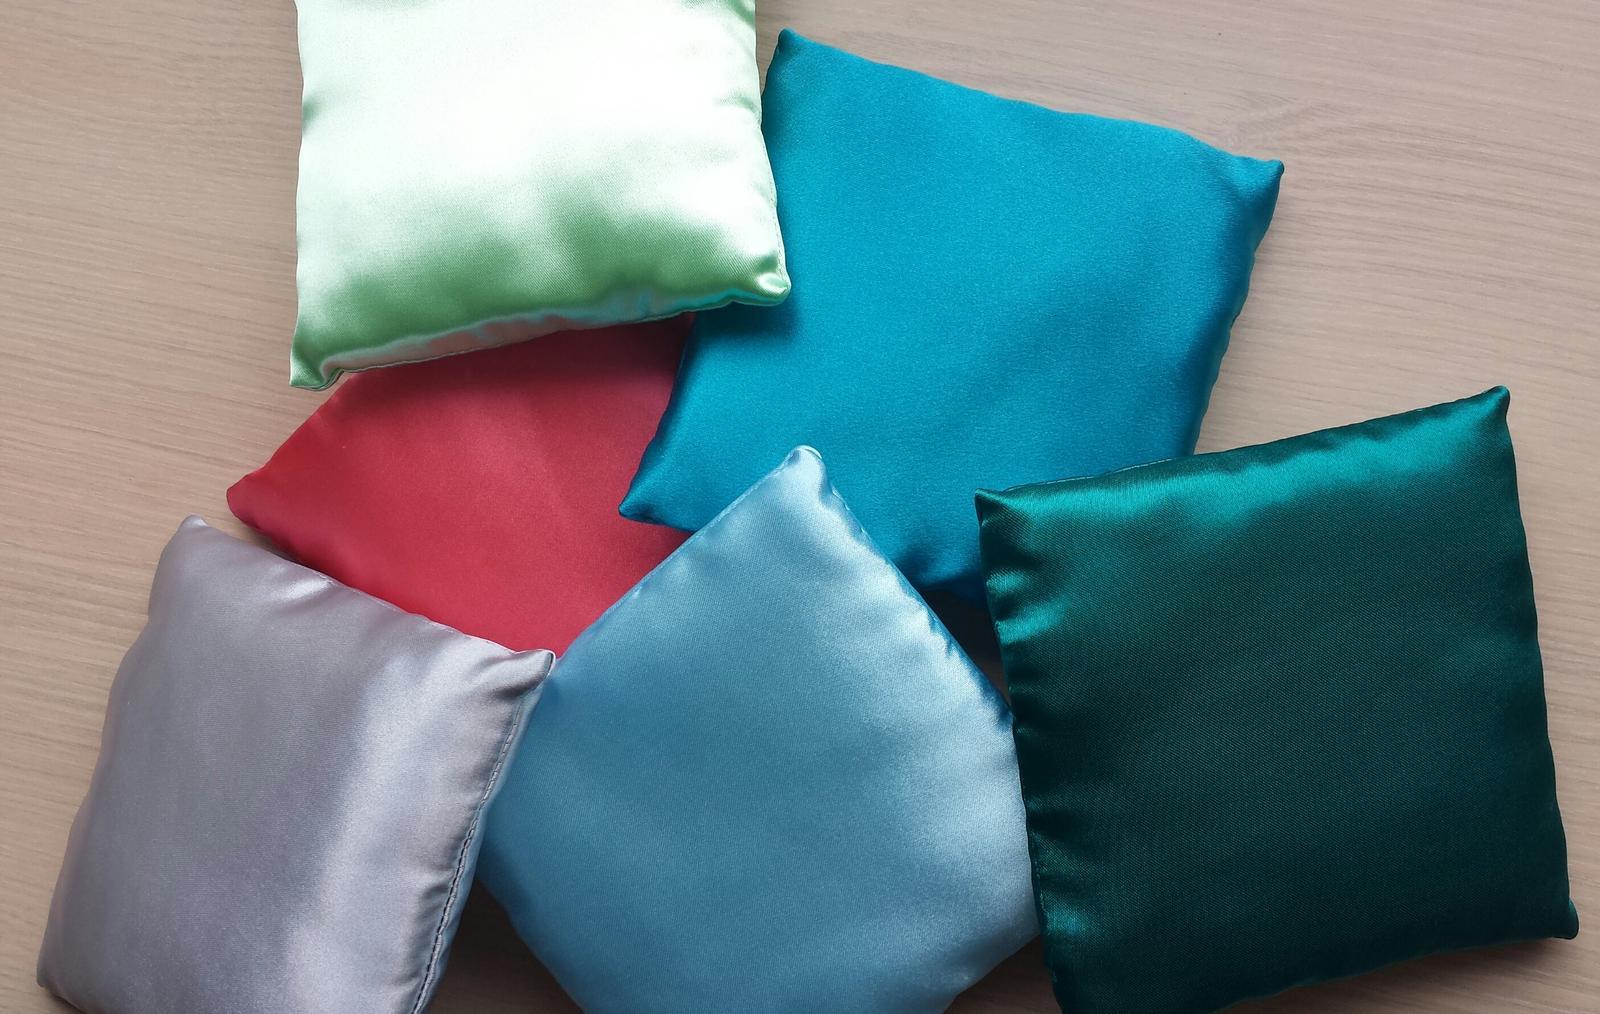 VÝPRODEJ - Vyprodej barevnych polstarku k dozdobeni...rozmer 14x14 cm...Cena 60 Kc/kus